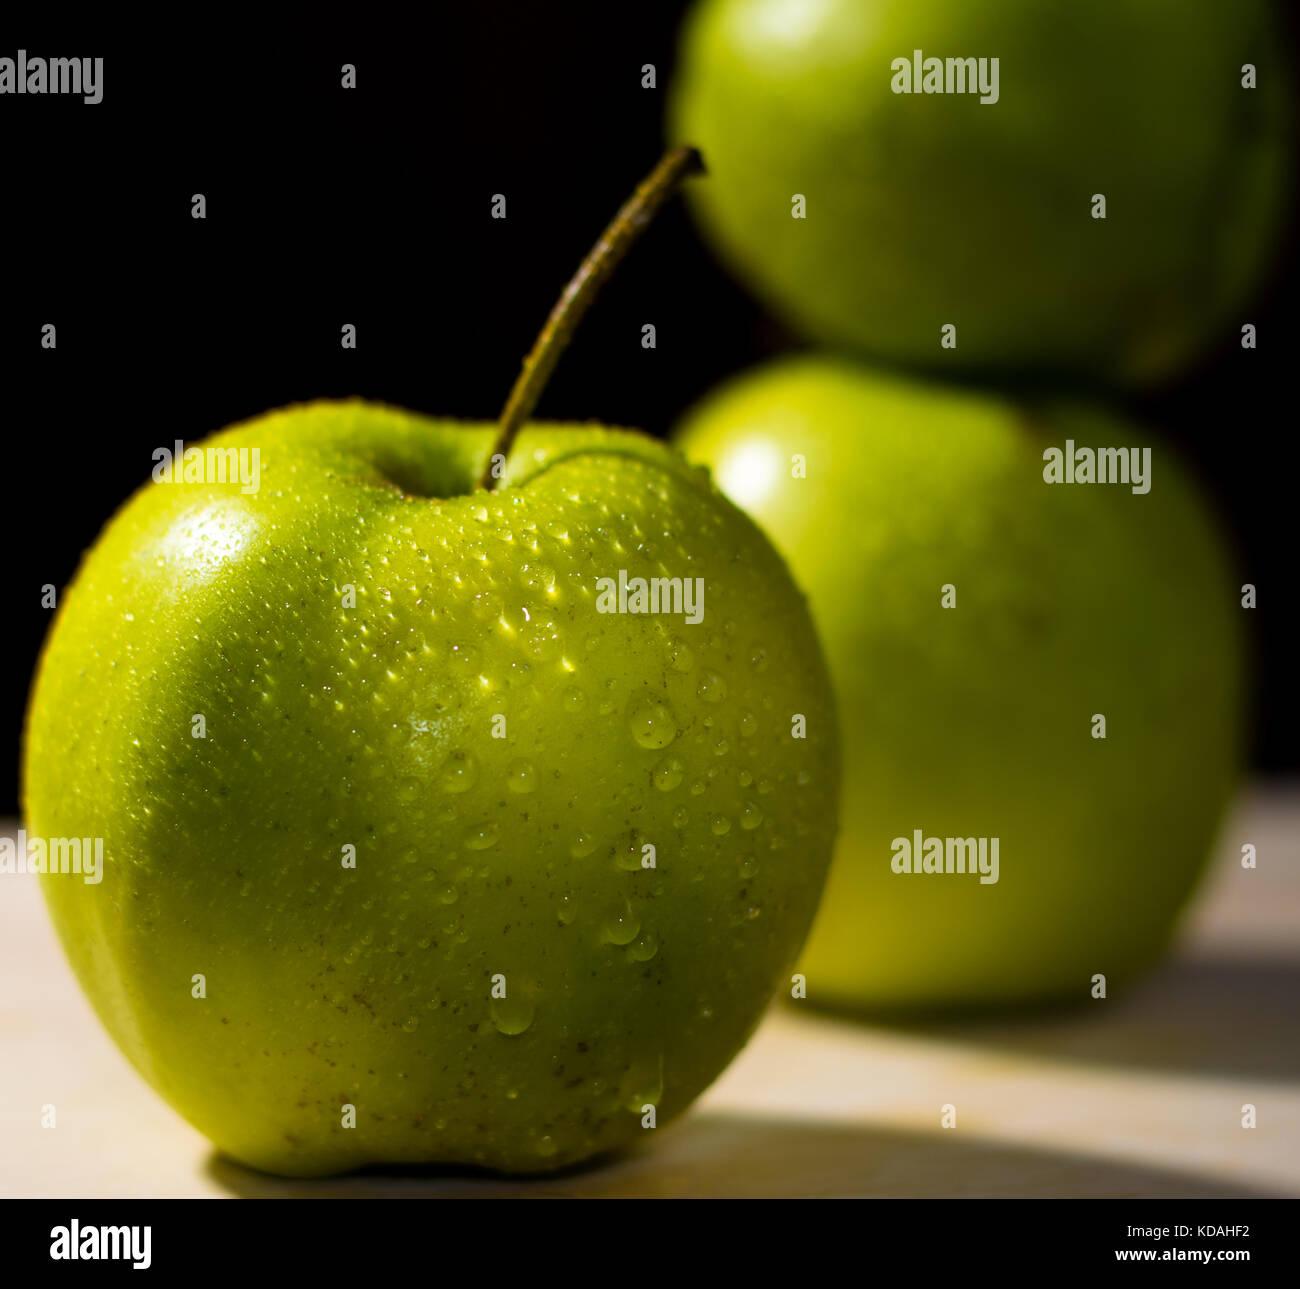 3 pomme verte, point sur le premier plan, arrière-plan foncé Photo Stock